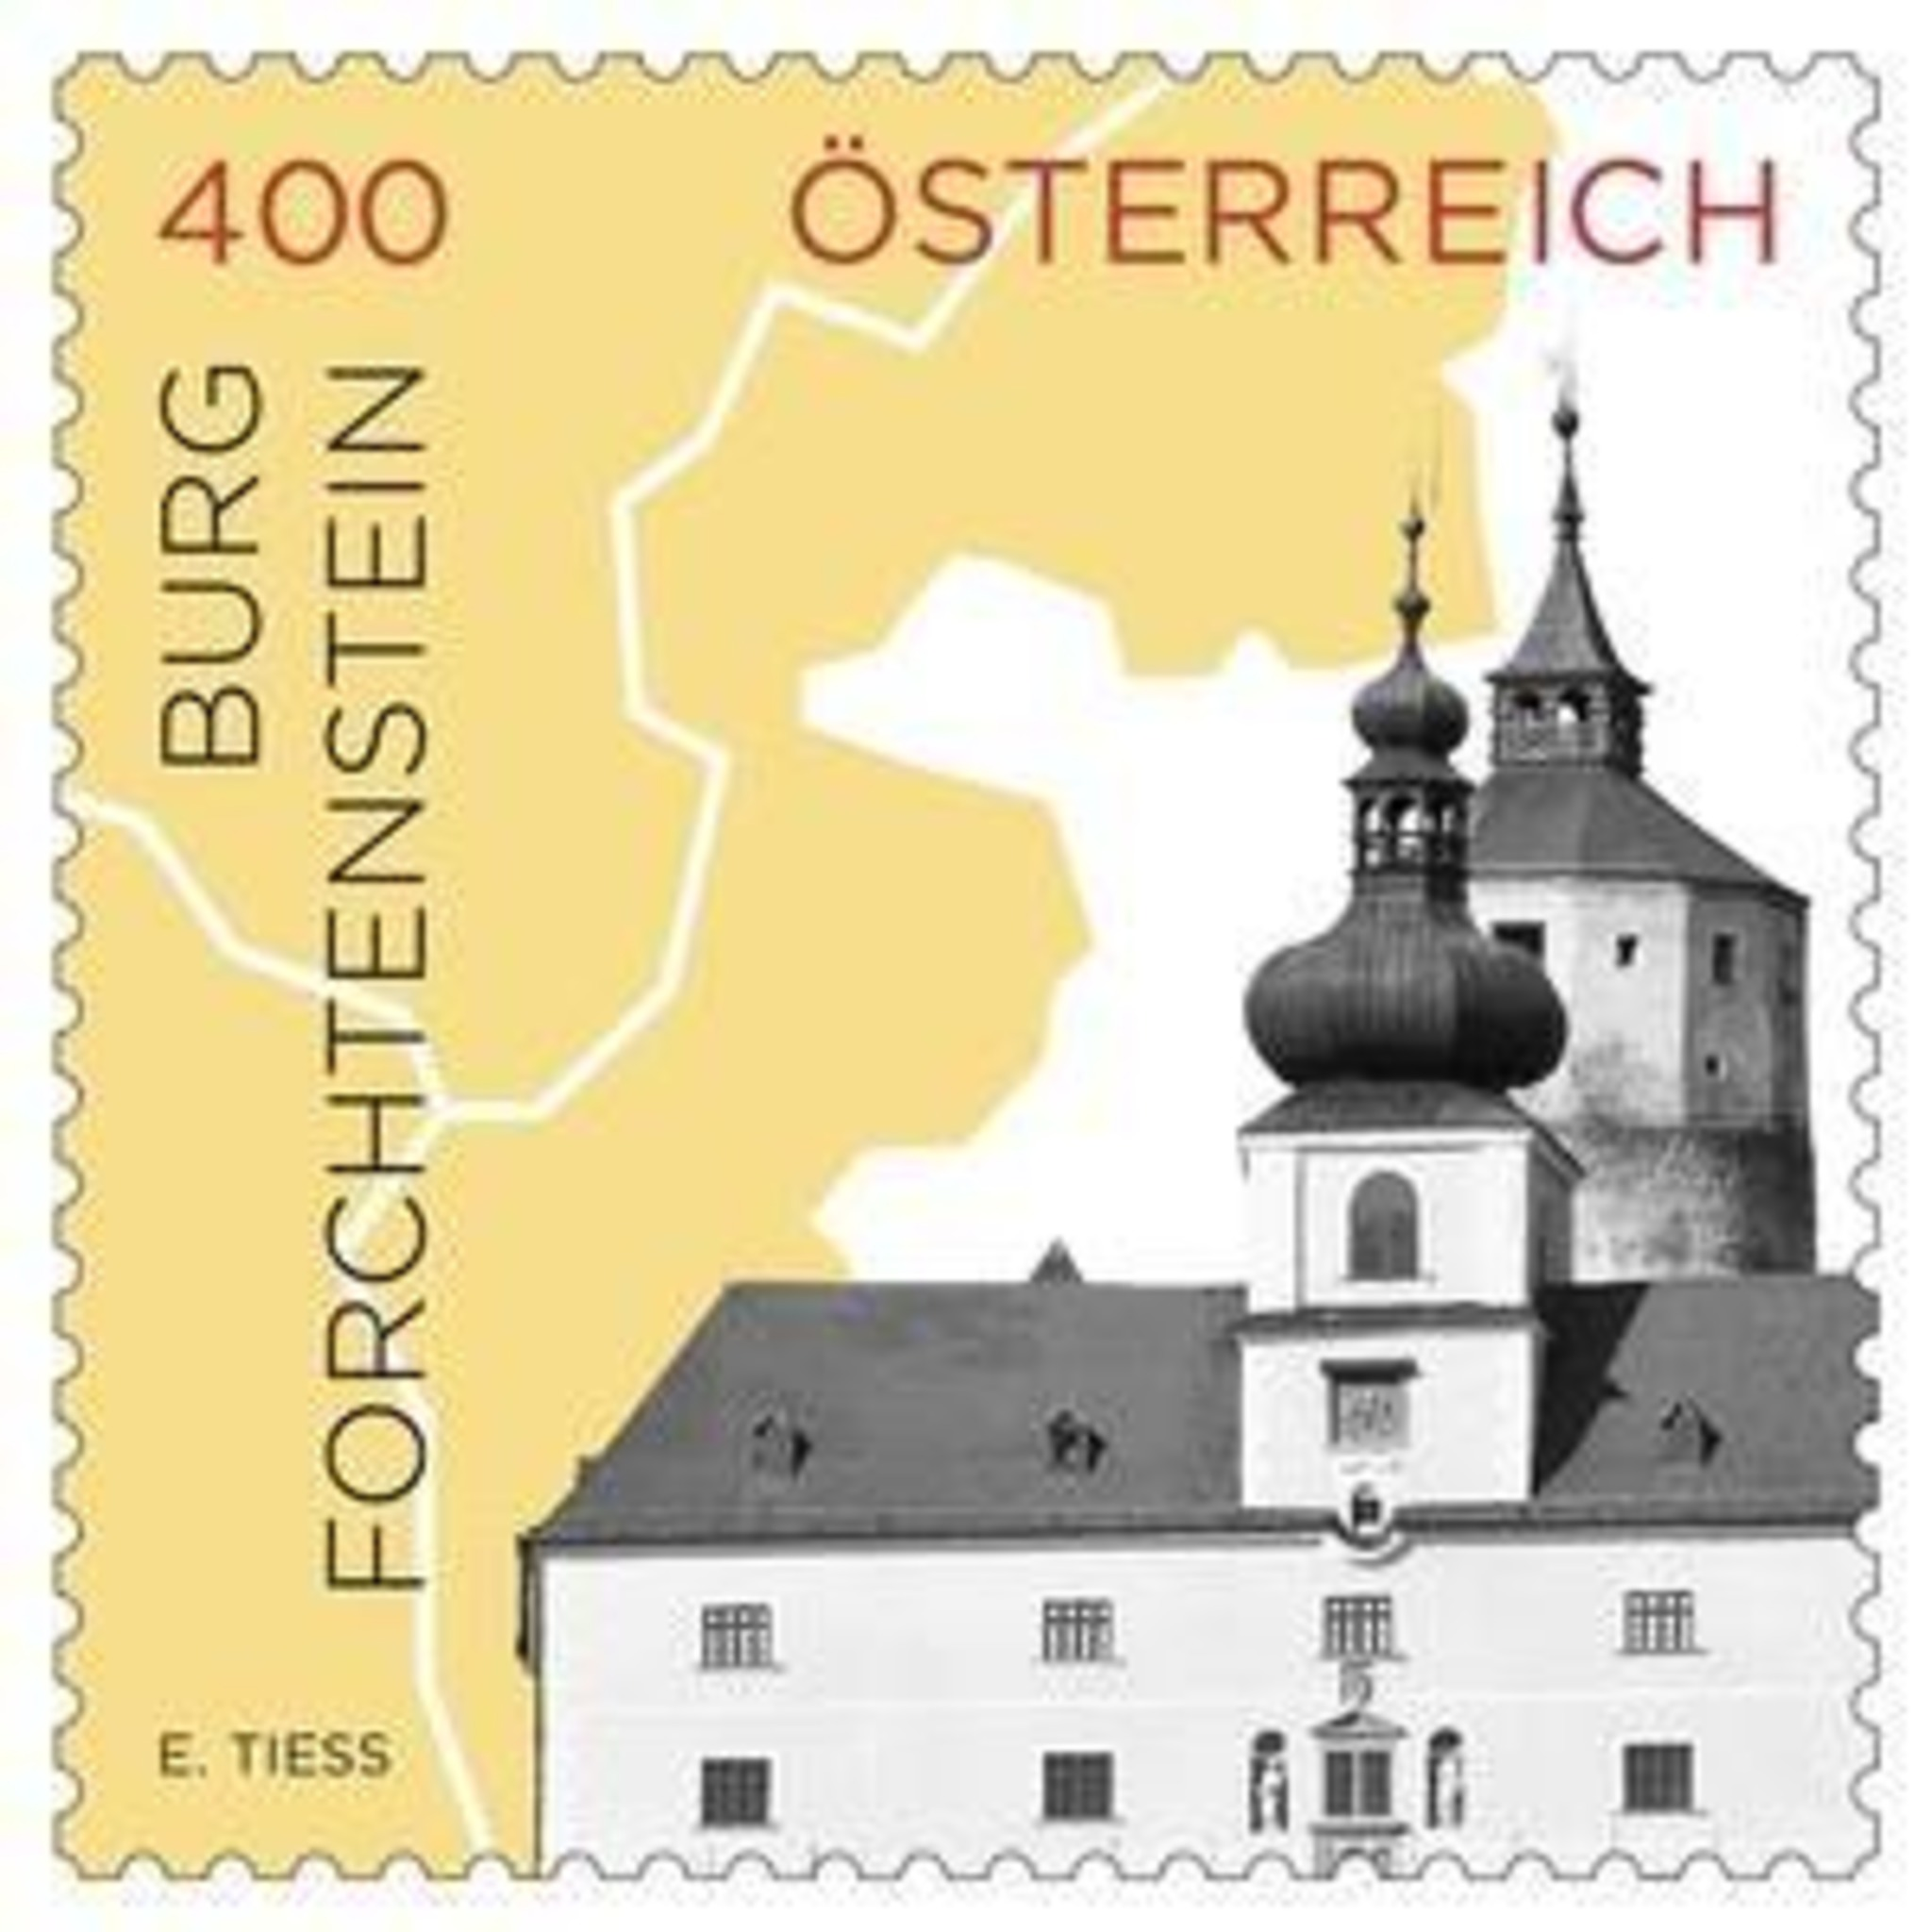 Erhöhung Der österreichischen Post Tarife Purkersdorf